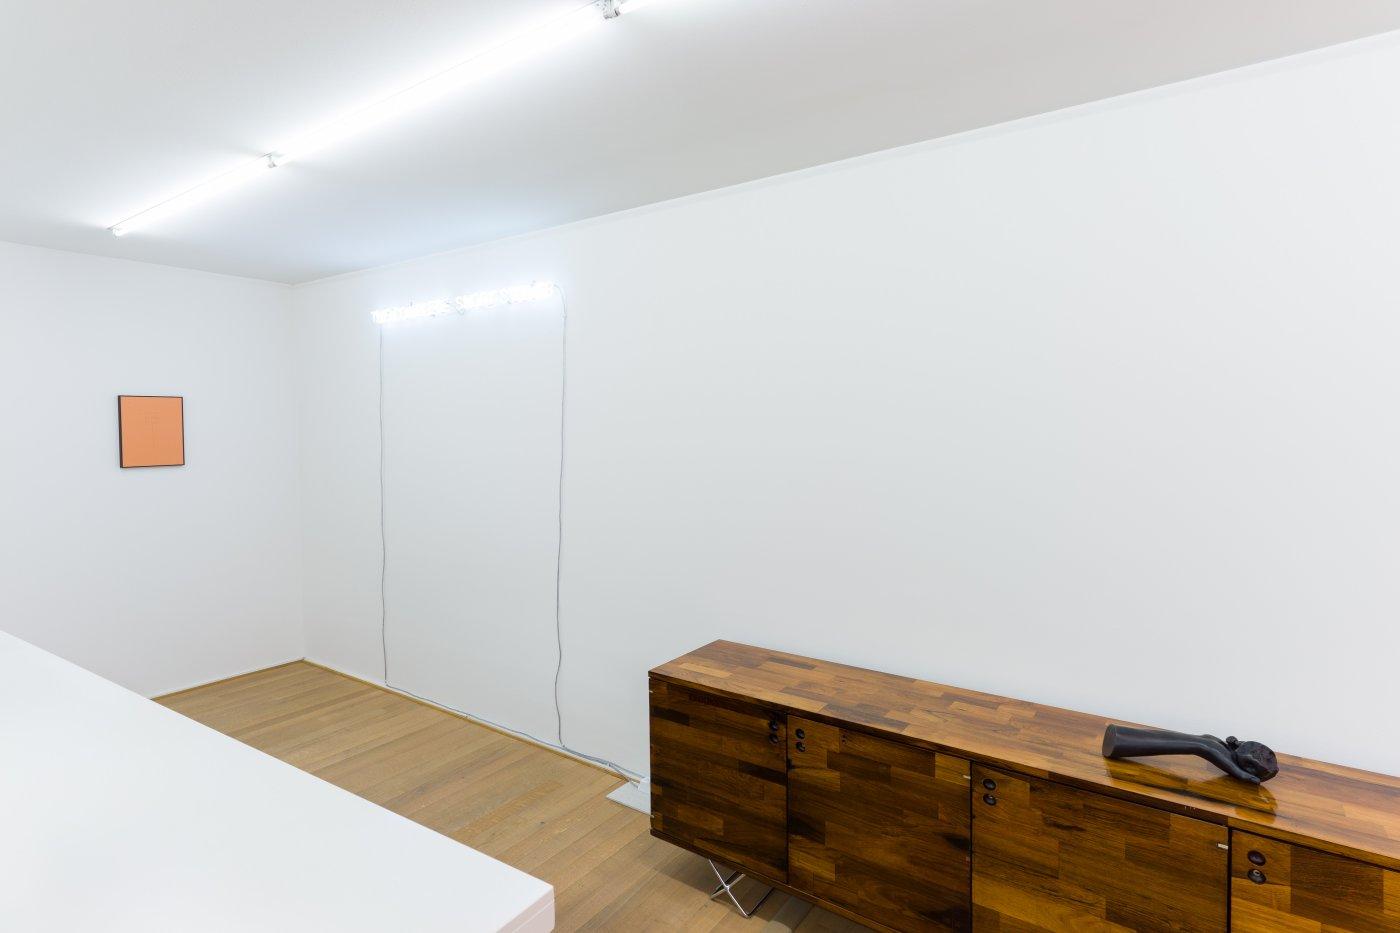 Mai 36 Galerie Ernst Caramelle Jorge Mendez Blake Christoph Rutimann 6